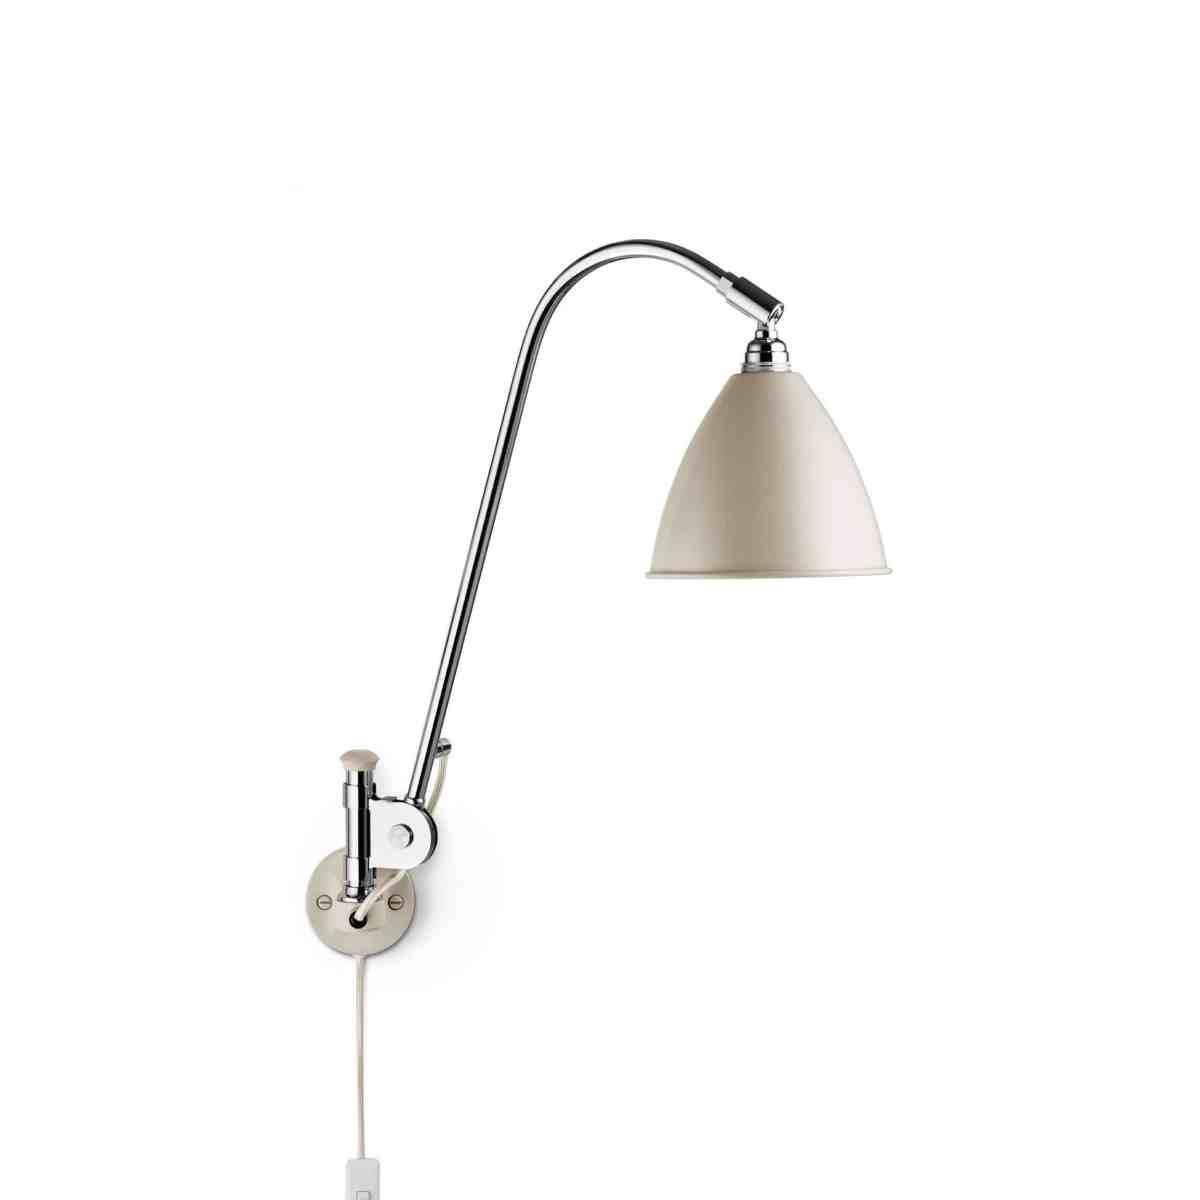 gubi-bestlite-wall-lamp-BL6-off-white-chrome-01